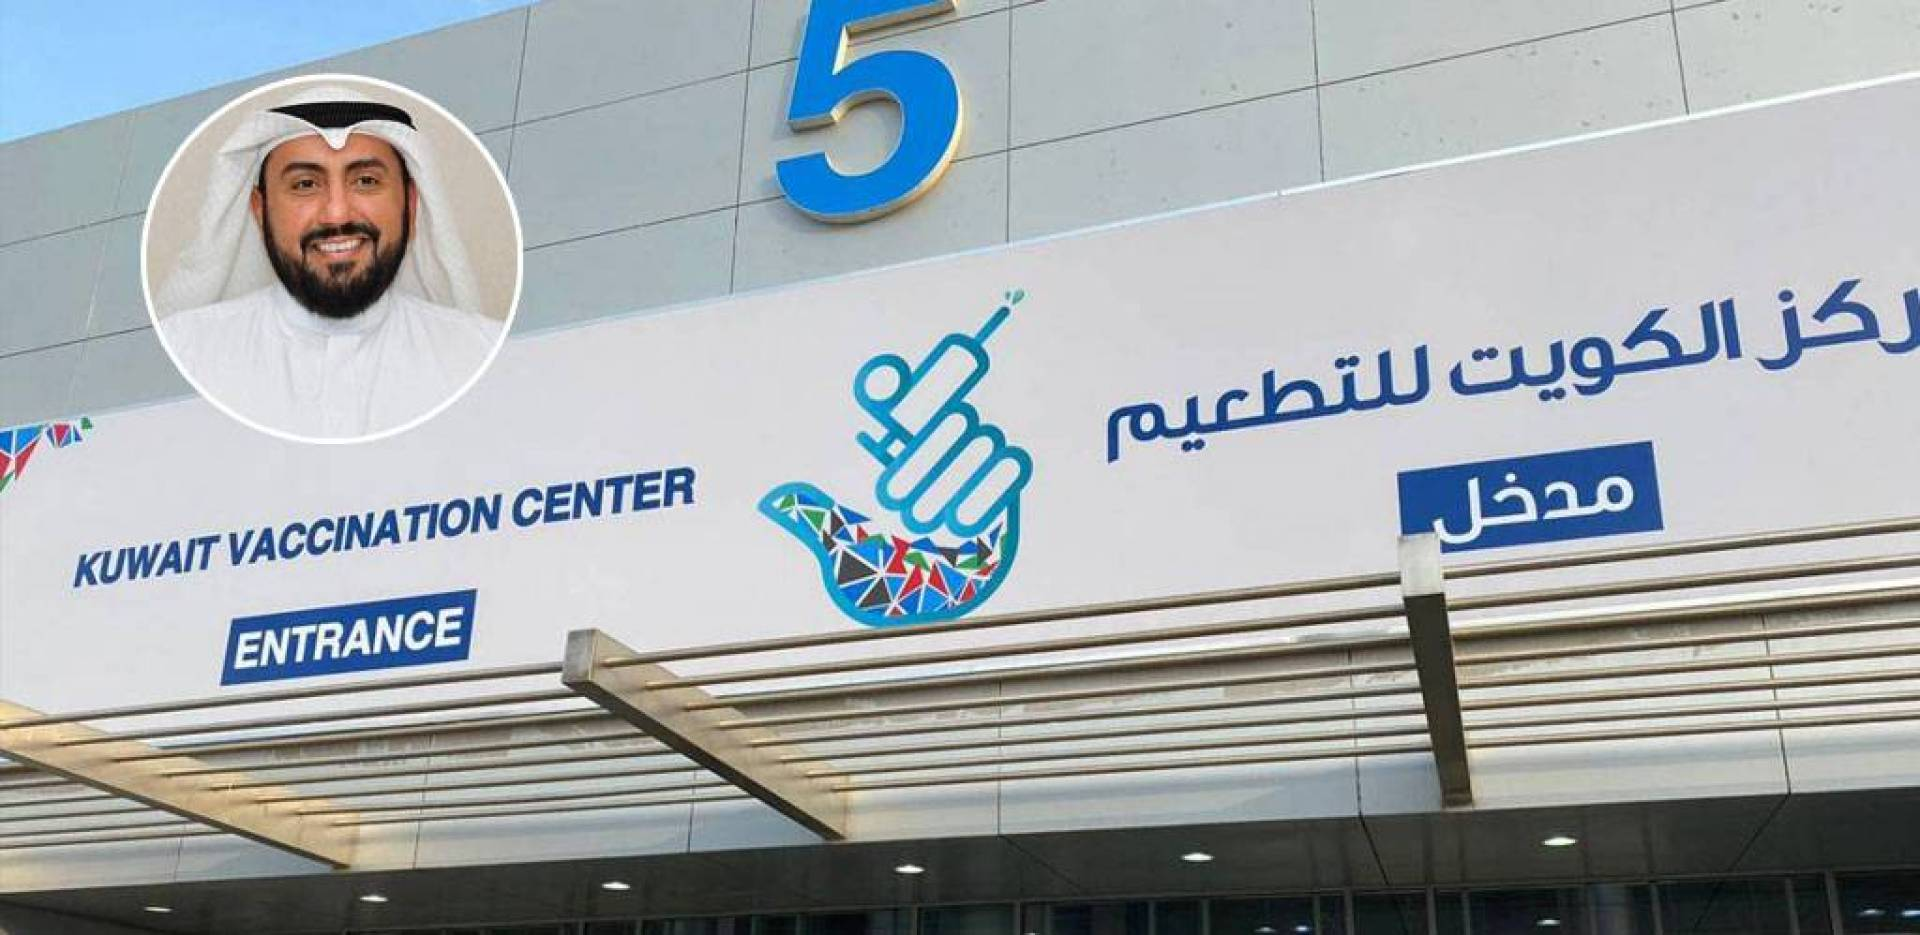 وزير الصحة: أكثر من 20 ألف شخص تلقوا الجرعة الأولى من لقاح كورونا